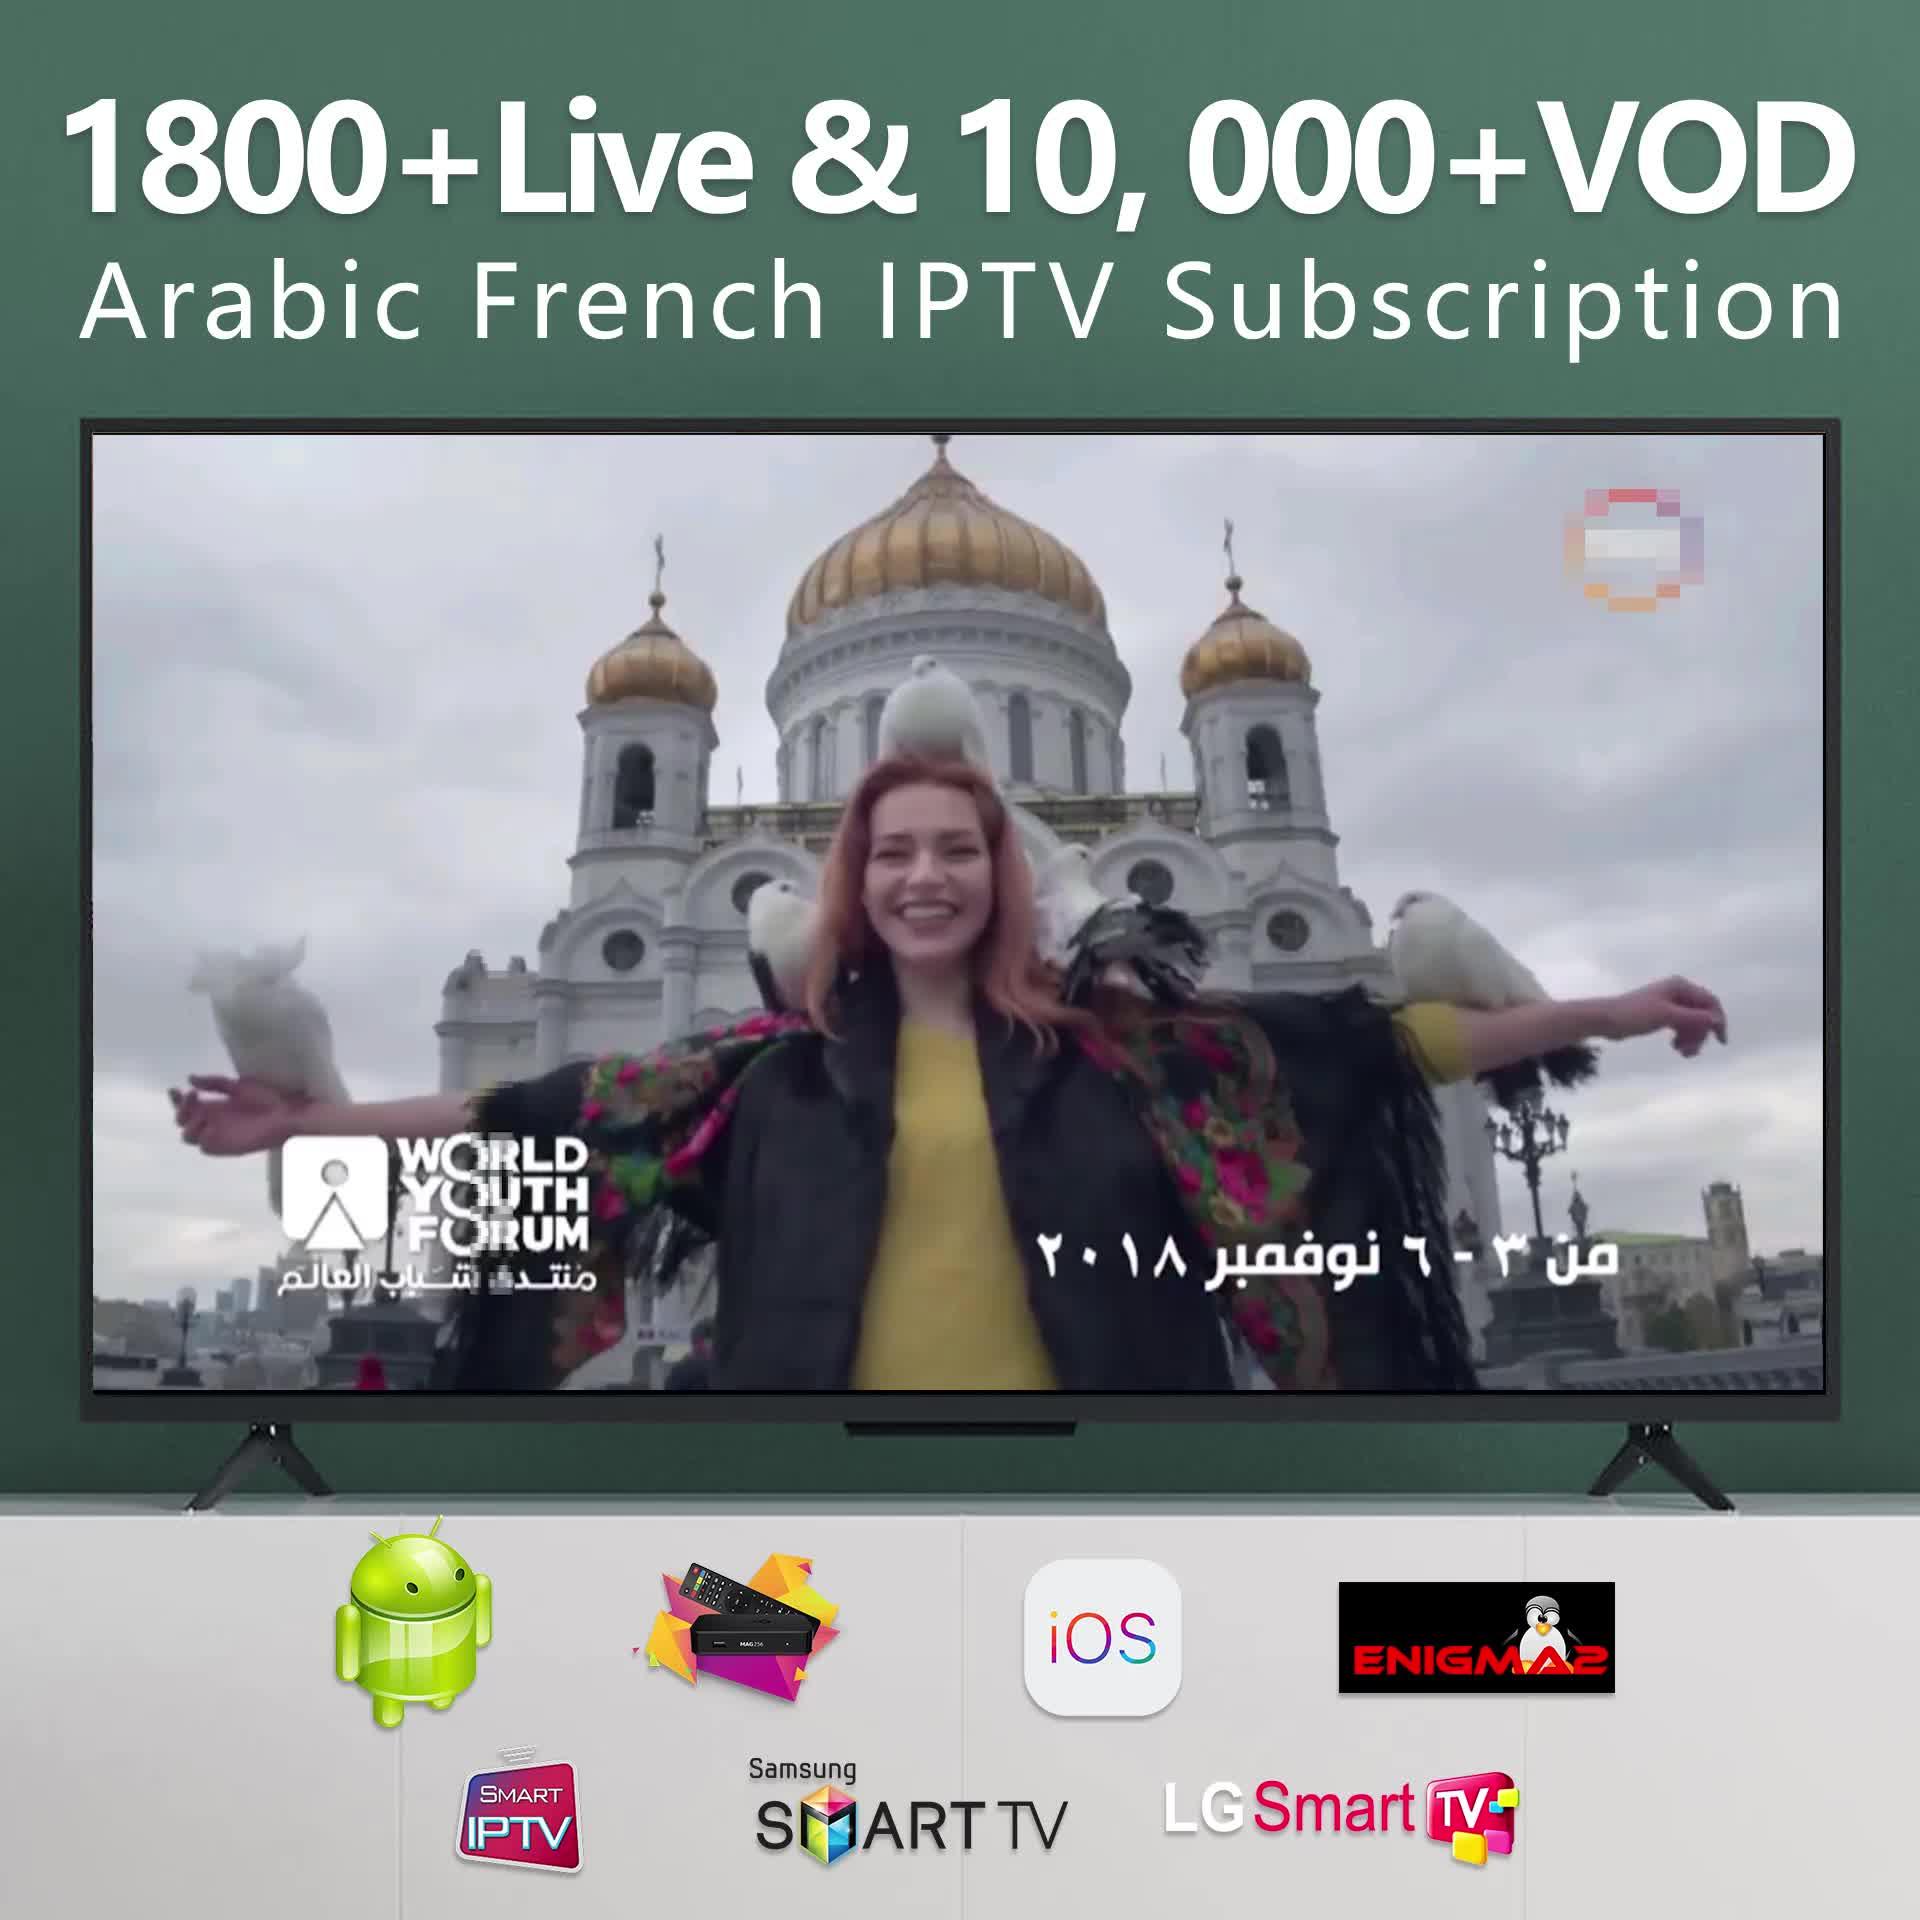 24H Gratis Test Code Stabiele QHDTV Rekening IPTV Frankrijk Kanalen 12 Maanden IPTV Reseller Account Spanje Nederland IPTV Abonnement